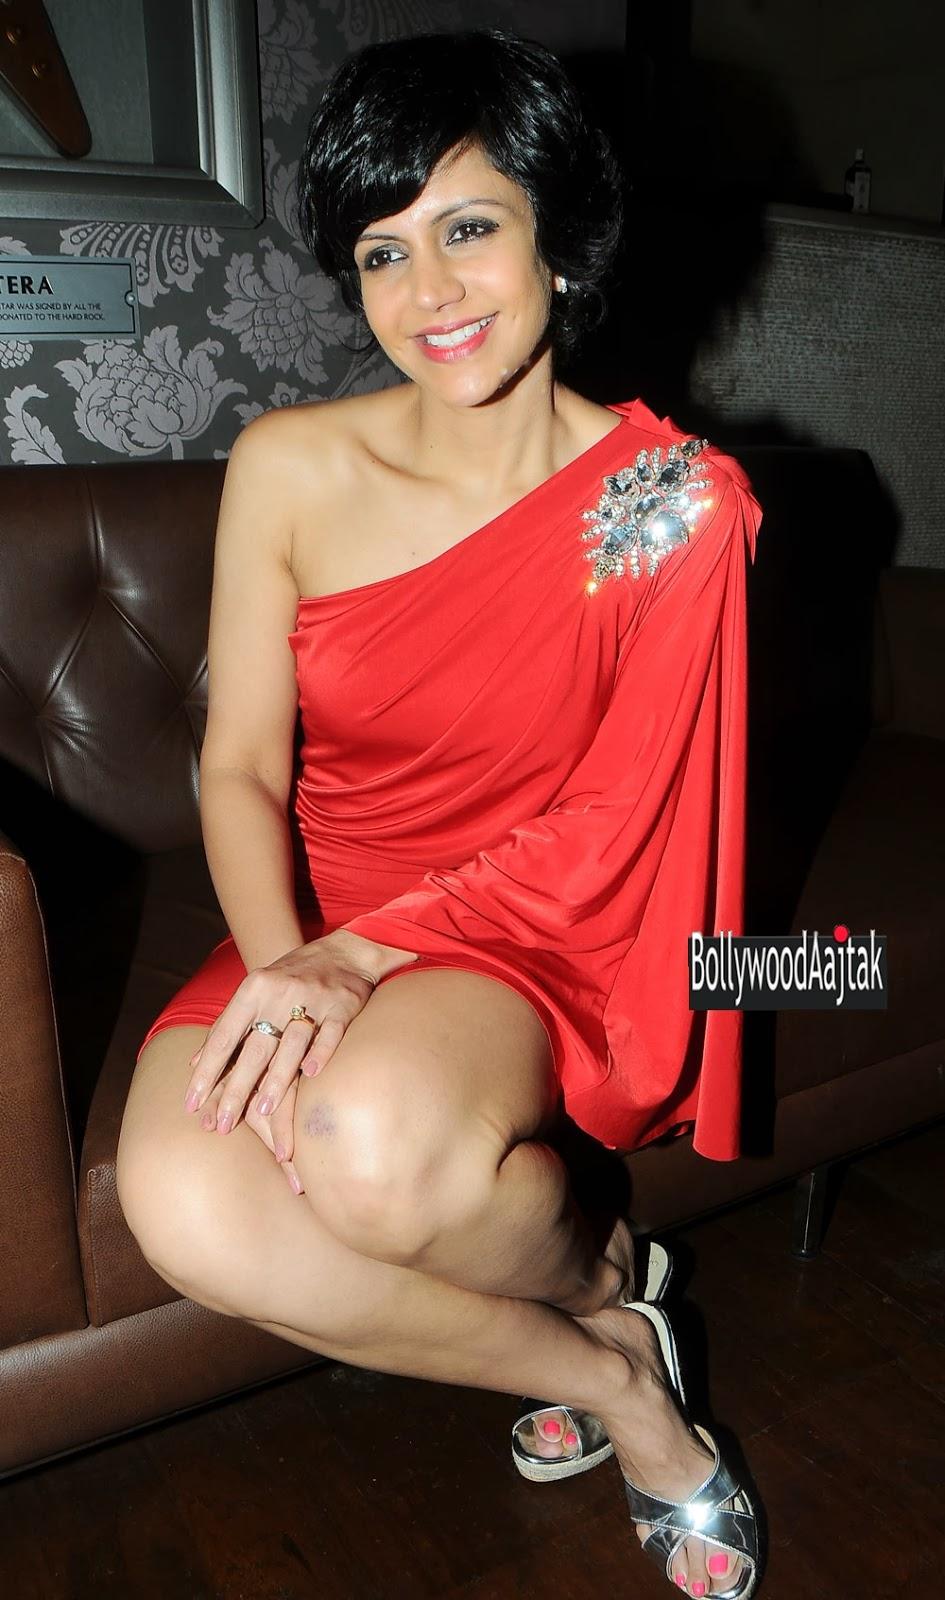 Desi hot indians actress photos